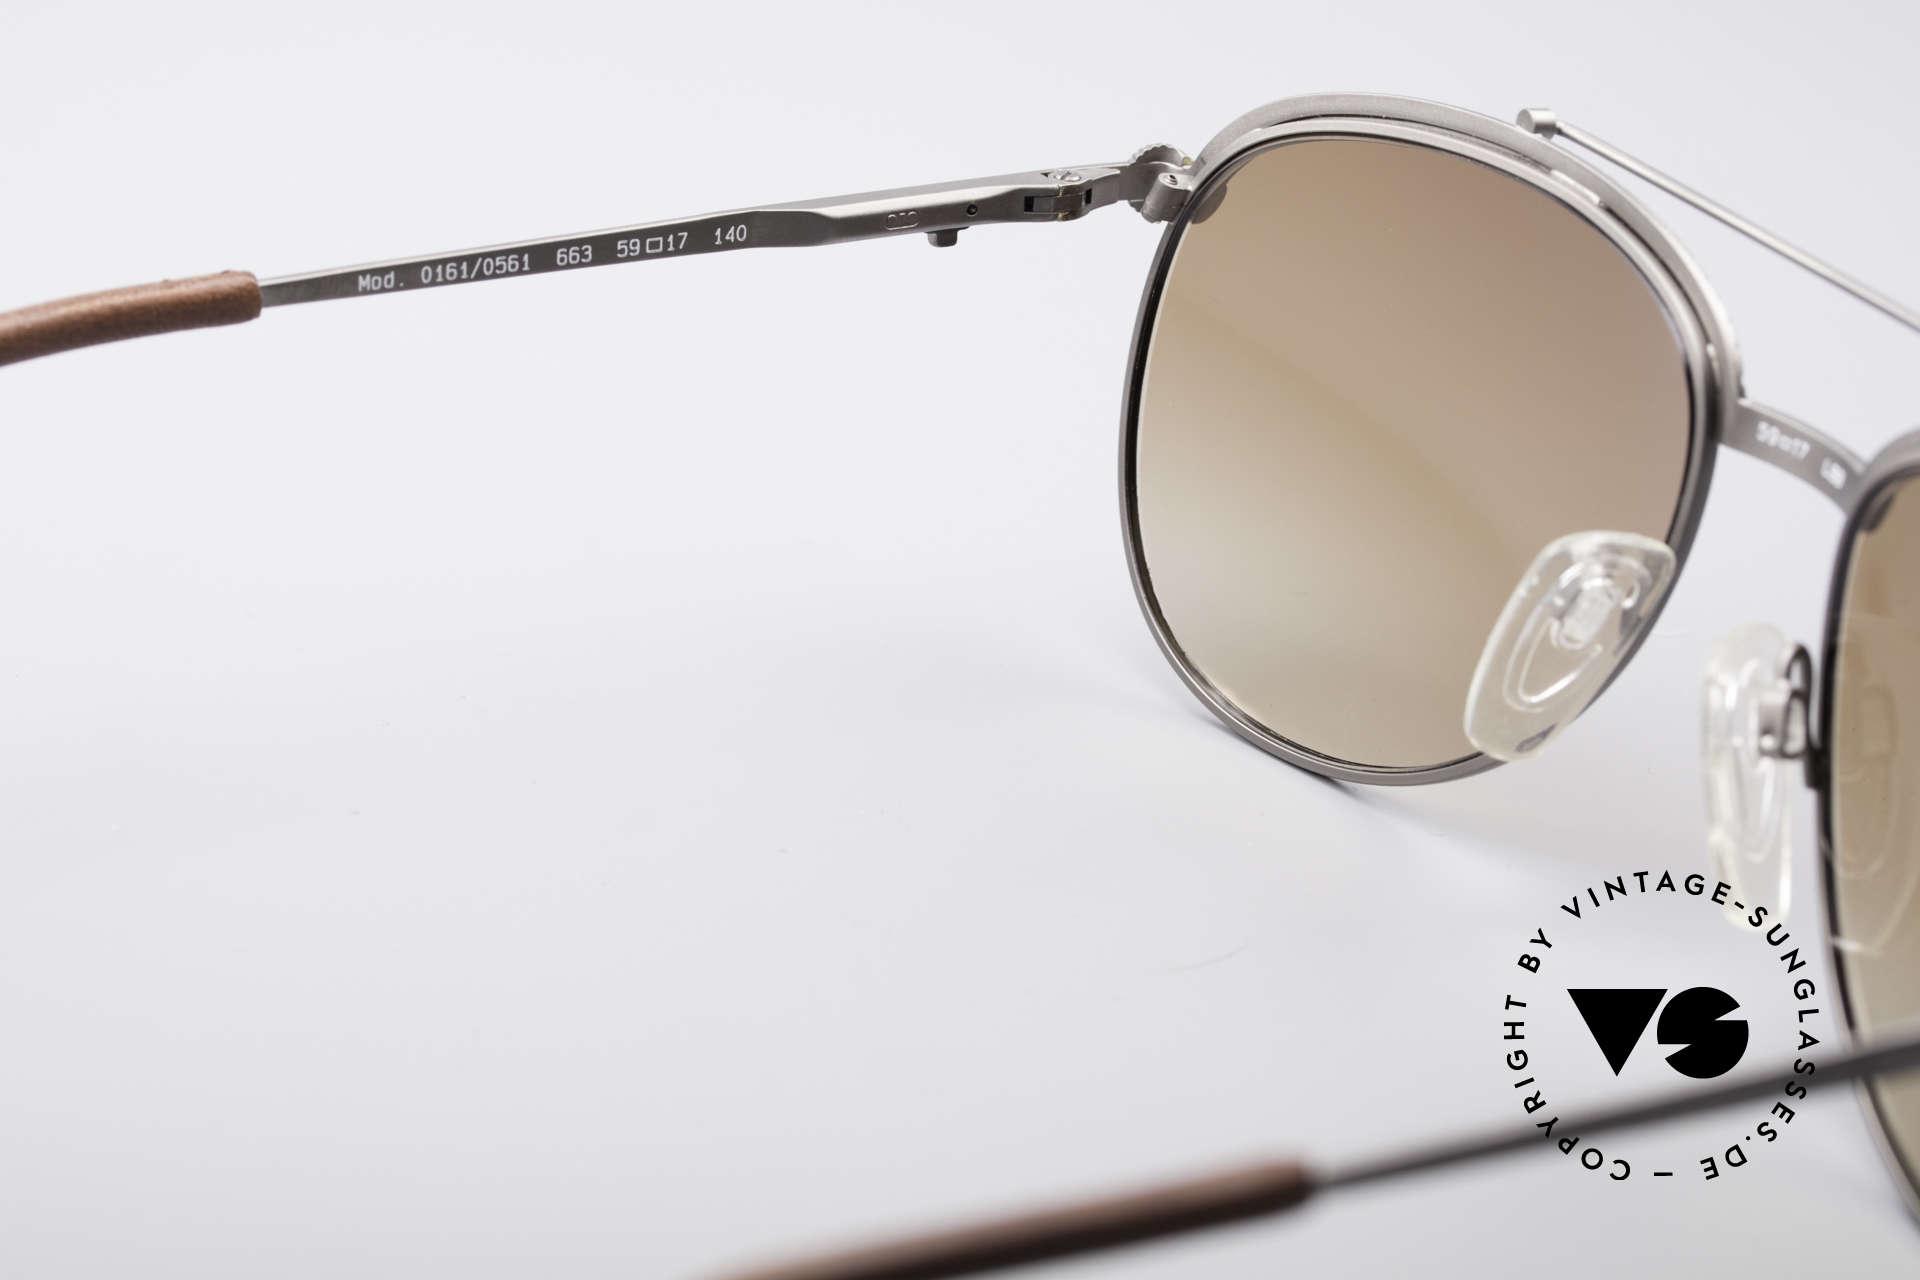 Longines 0161 80er Luxus Sonnenbrille, Sonnengläser können durch optische ersetzt werden, Passend für Herren